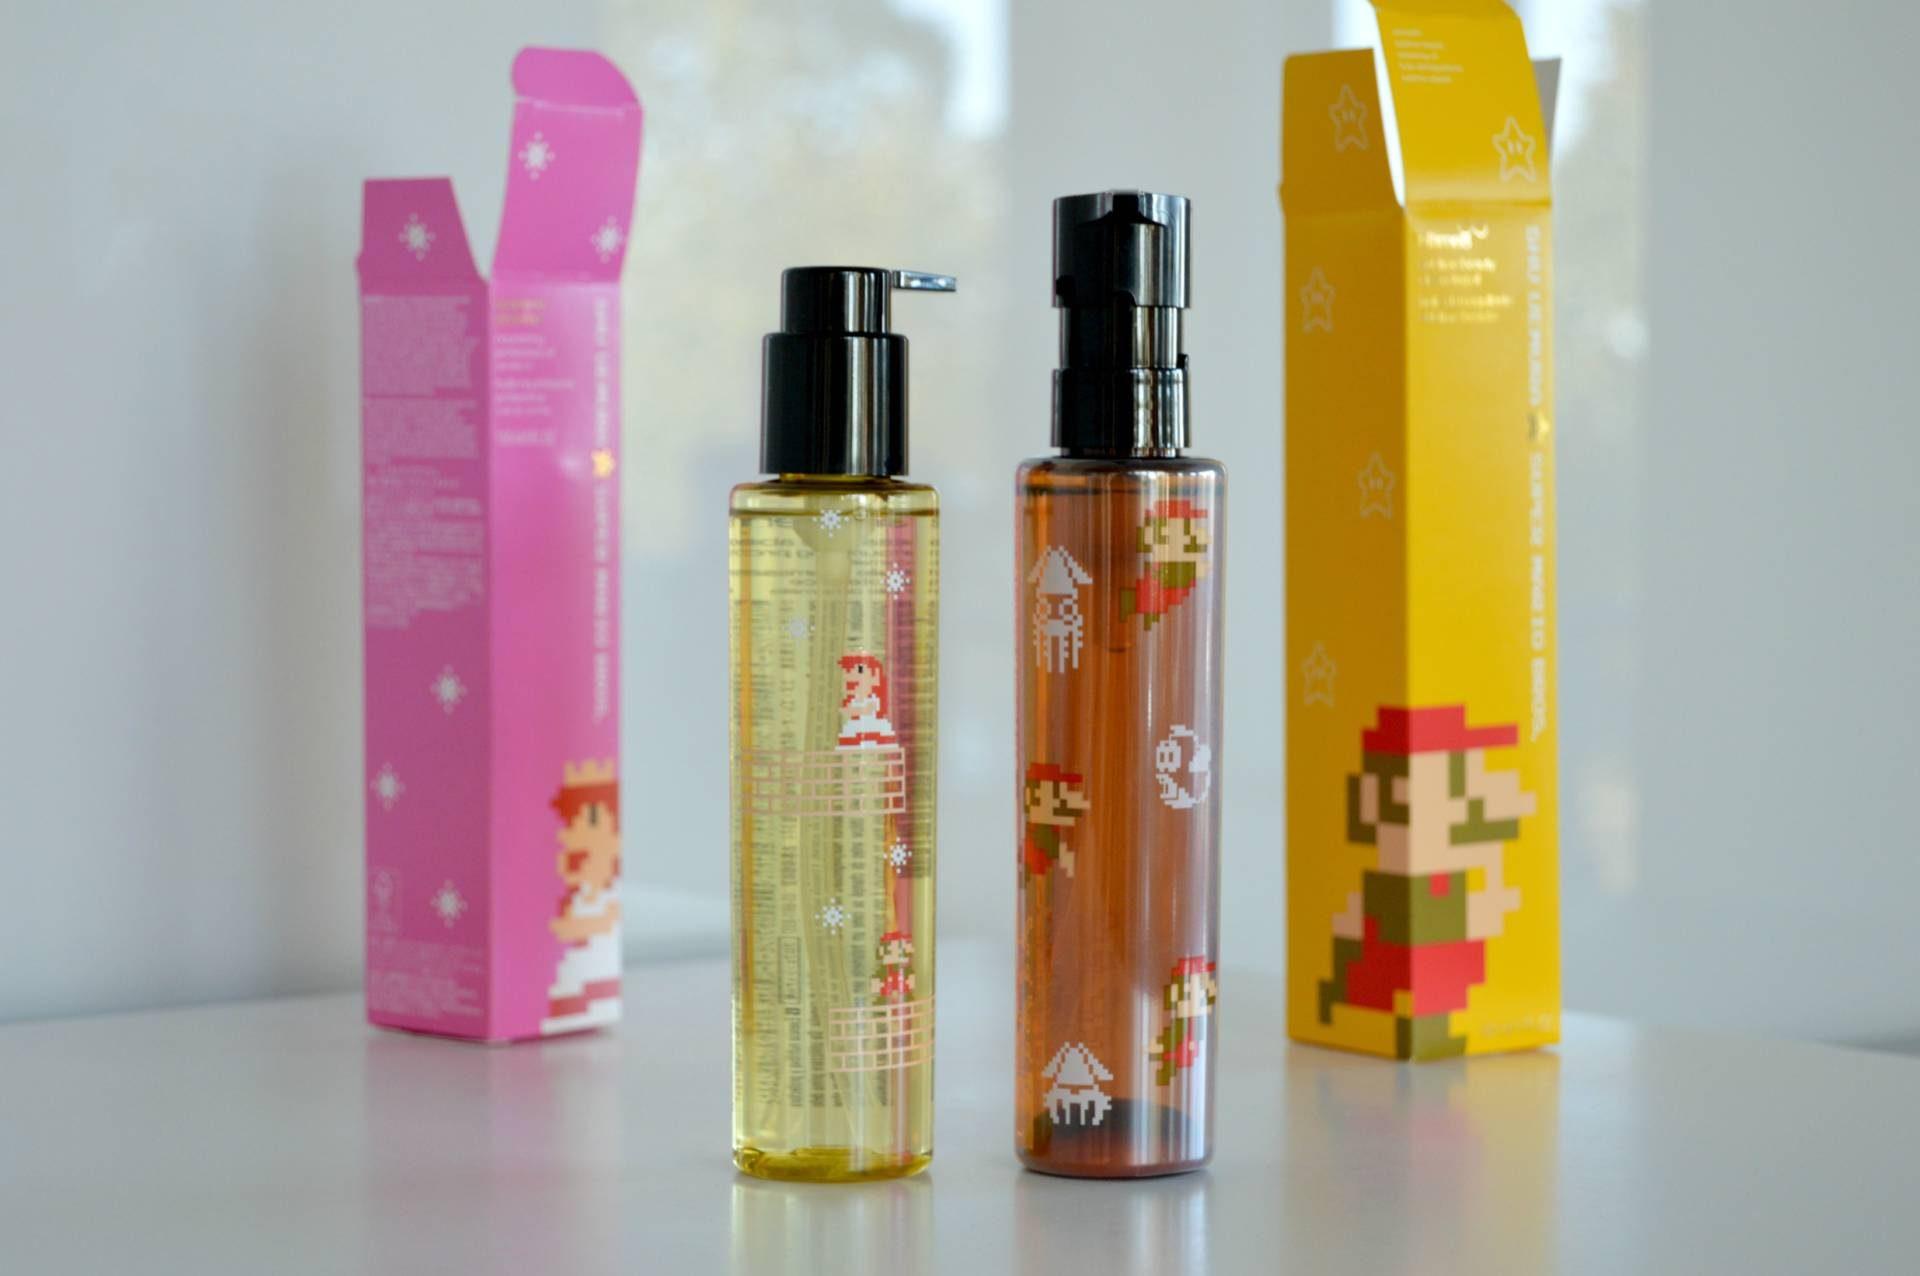 Nowości od Shu Uemury: kosmetyki Super Mario Brothers